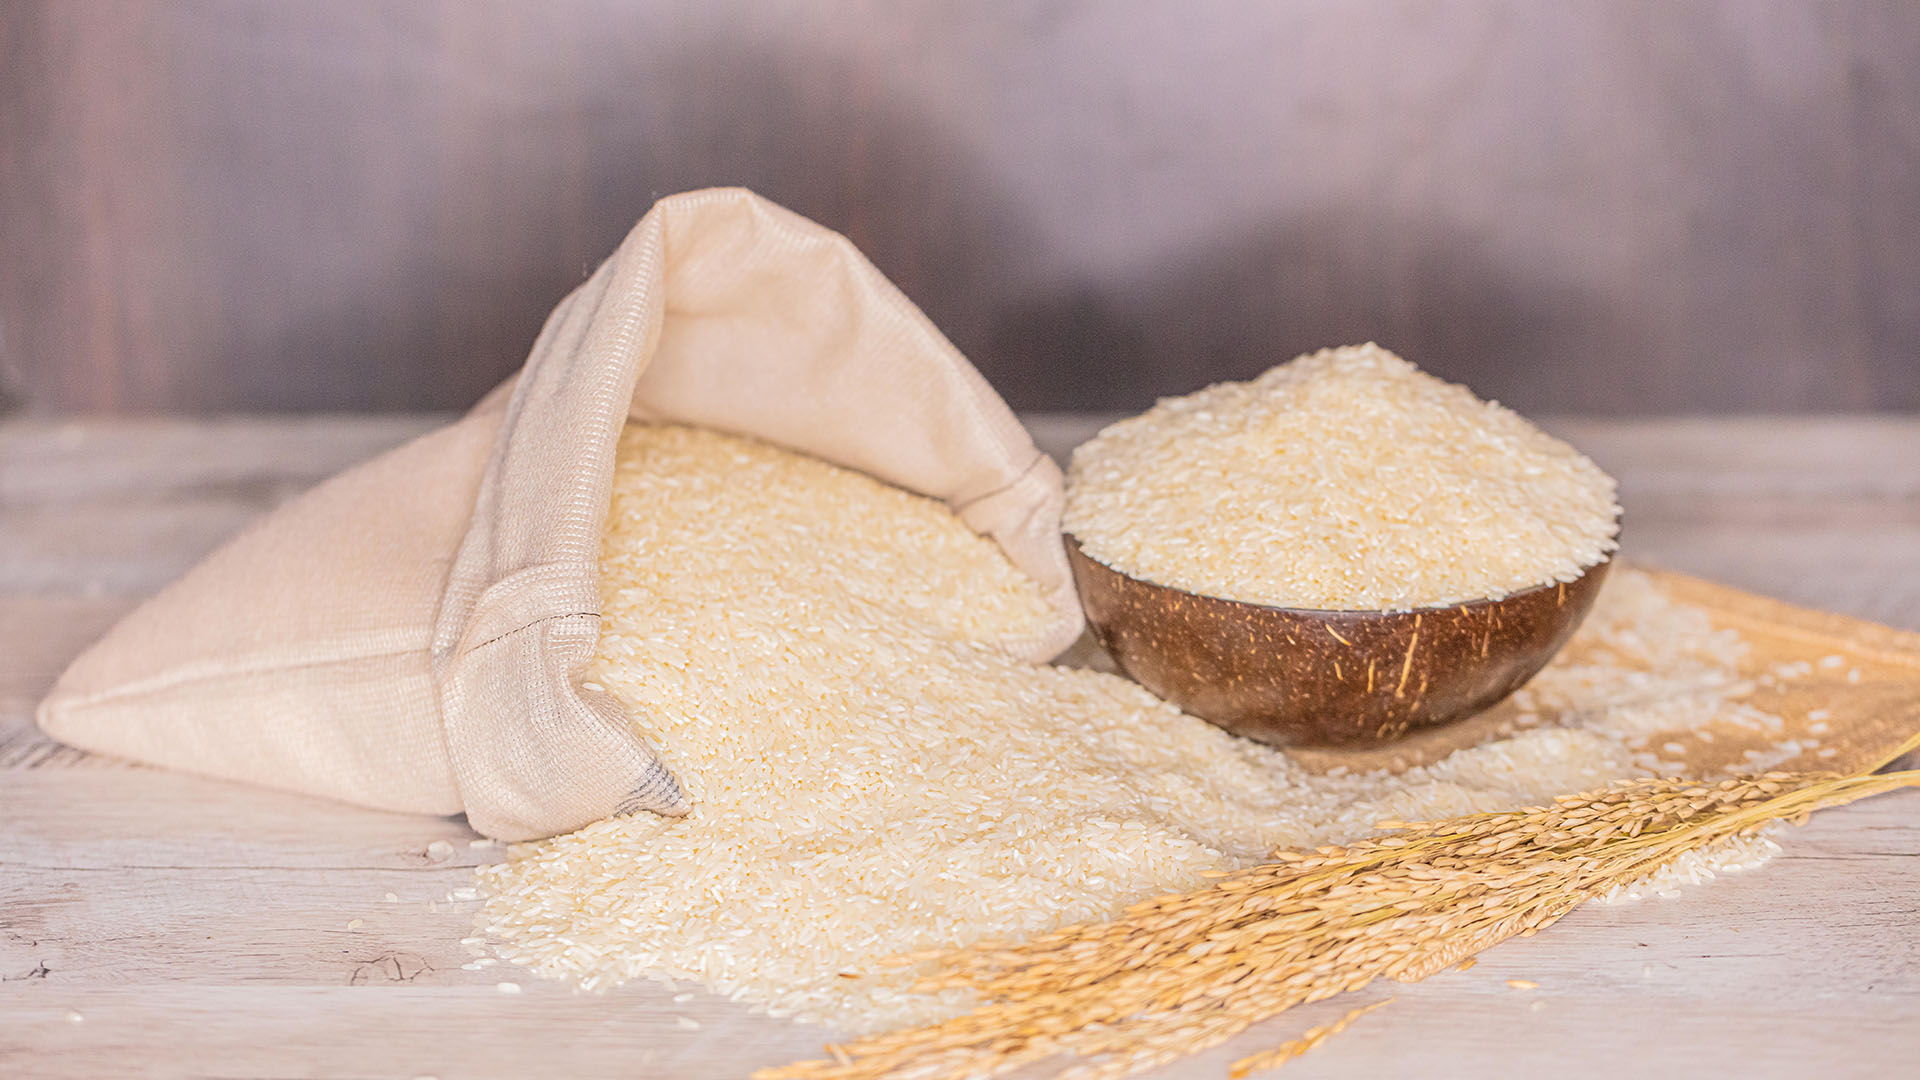 Close up of Telangana Sona grains